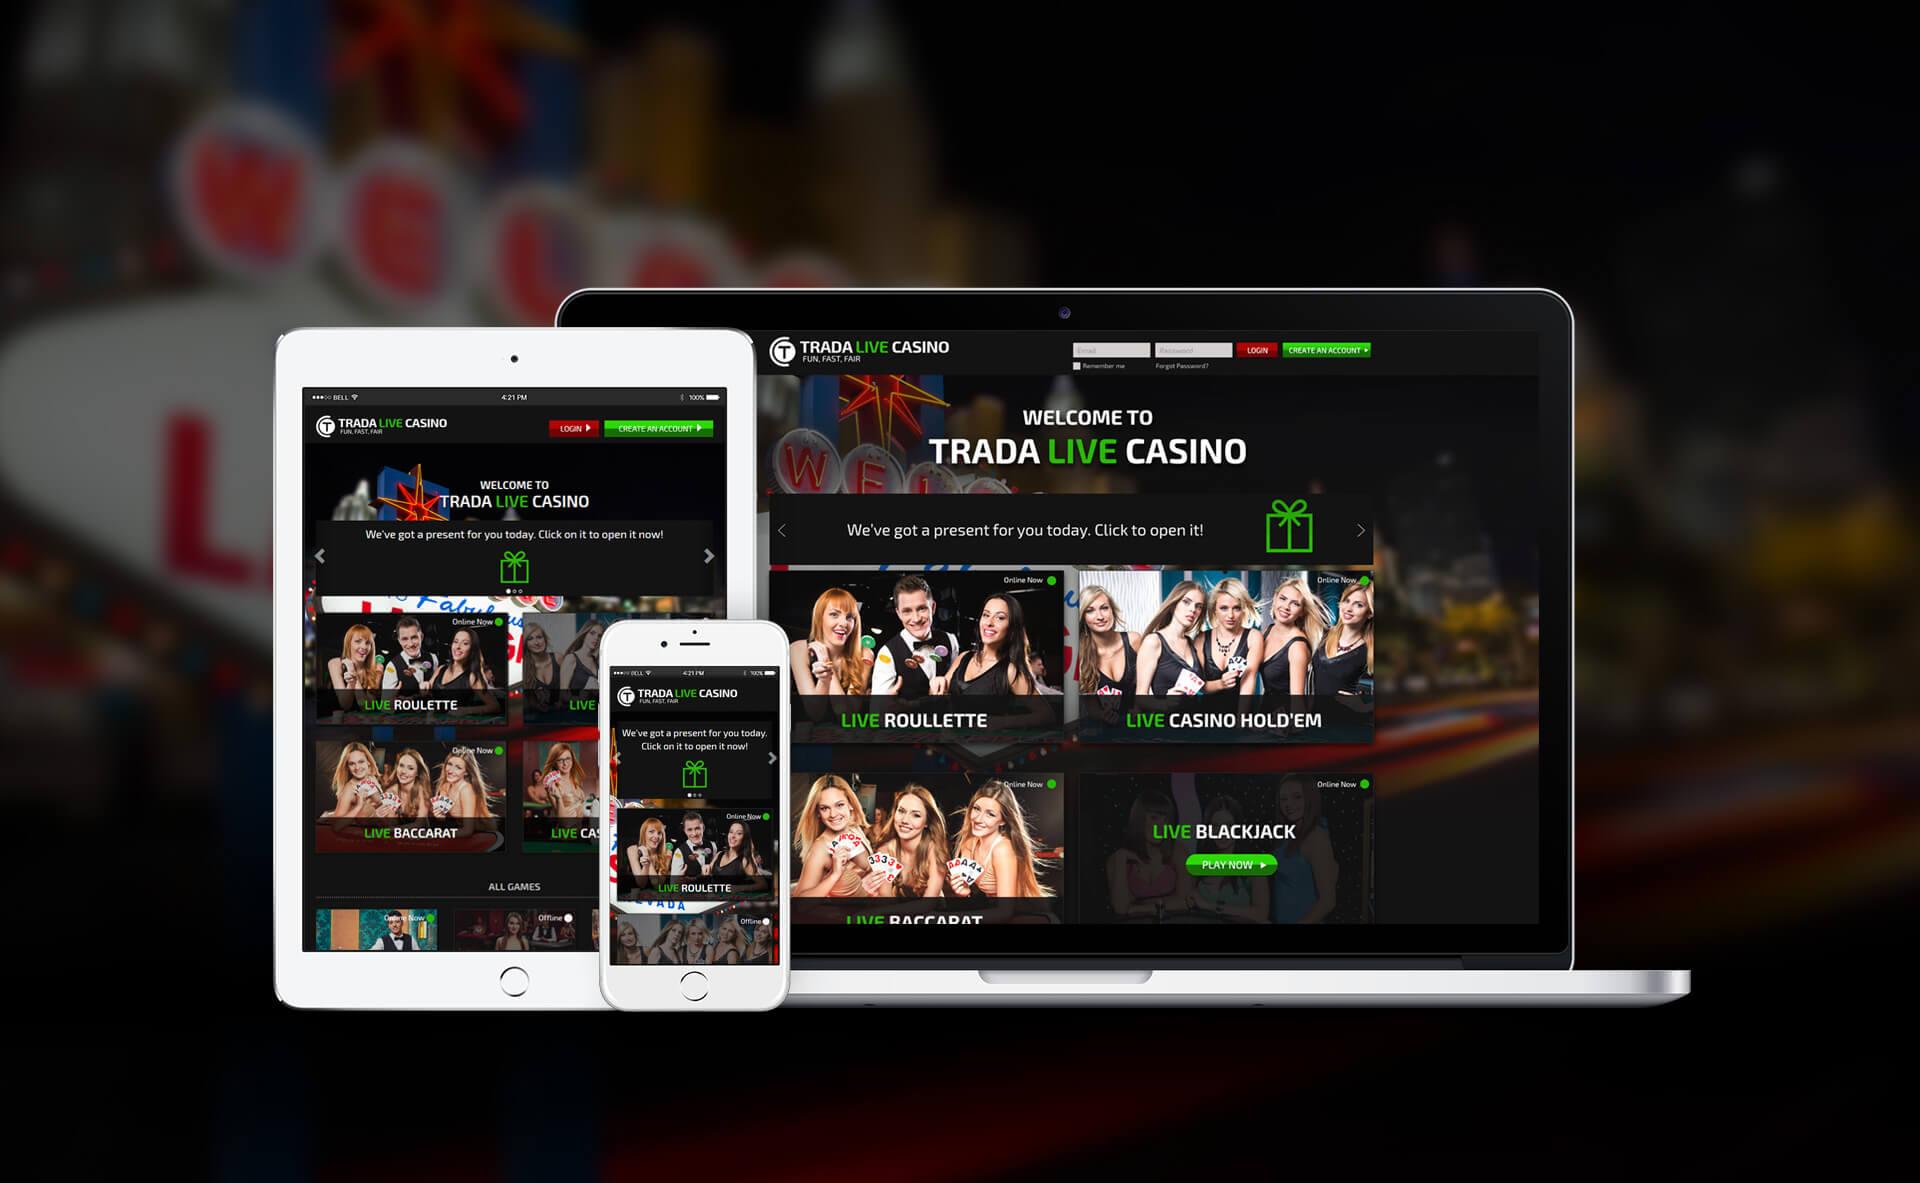 Responsive Web Design - Trada Live Casino